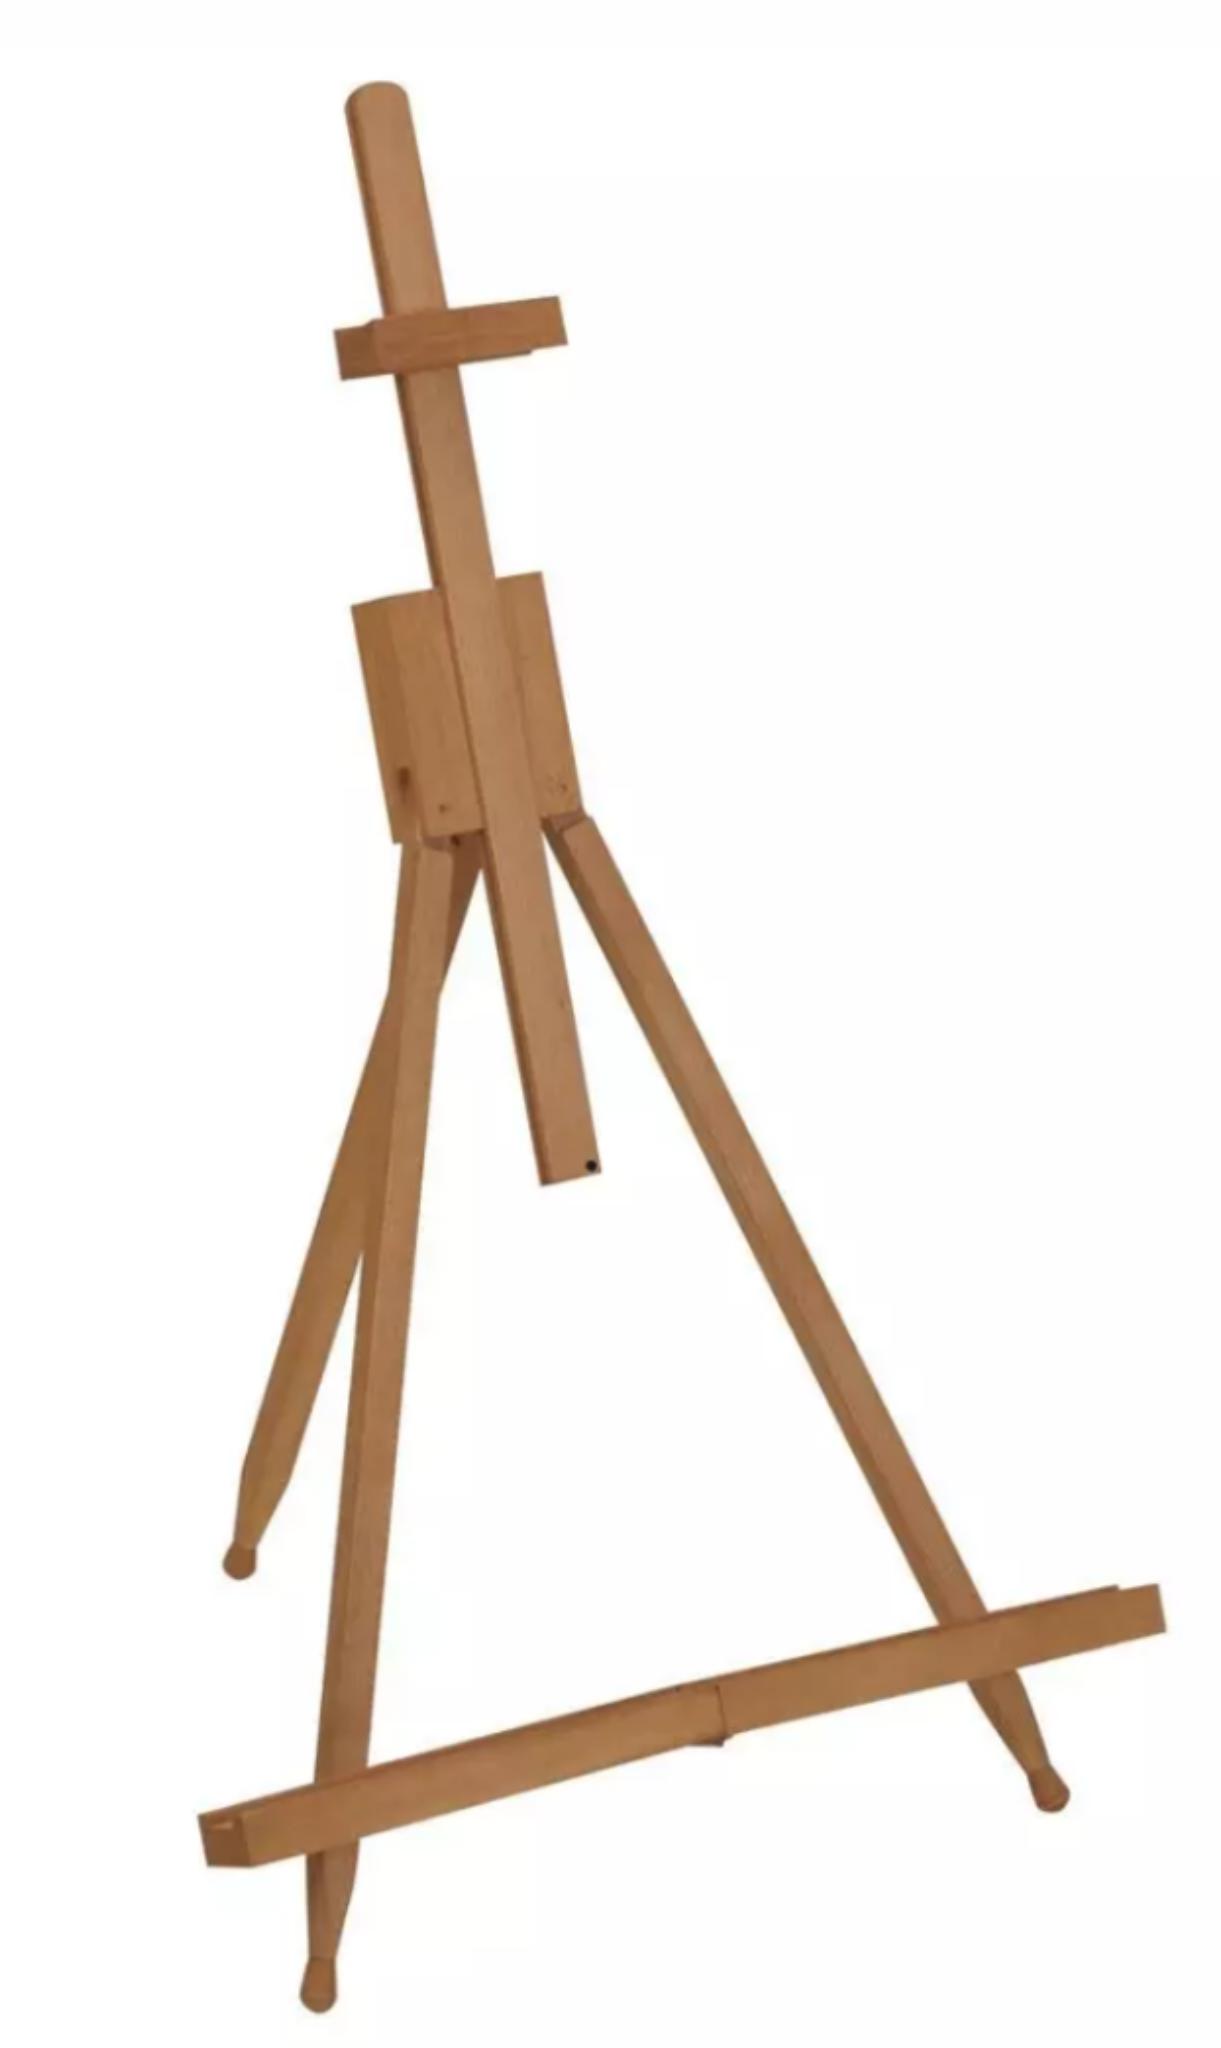 Wooden Tripod Easel - Desktop